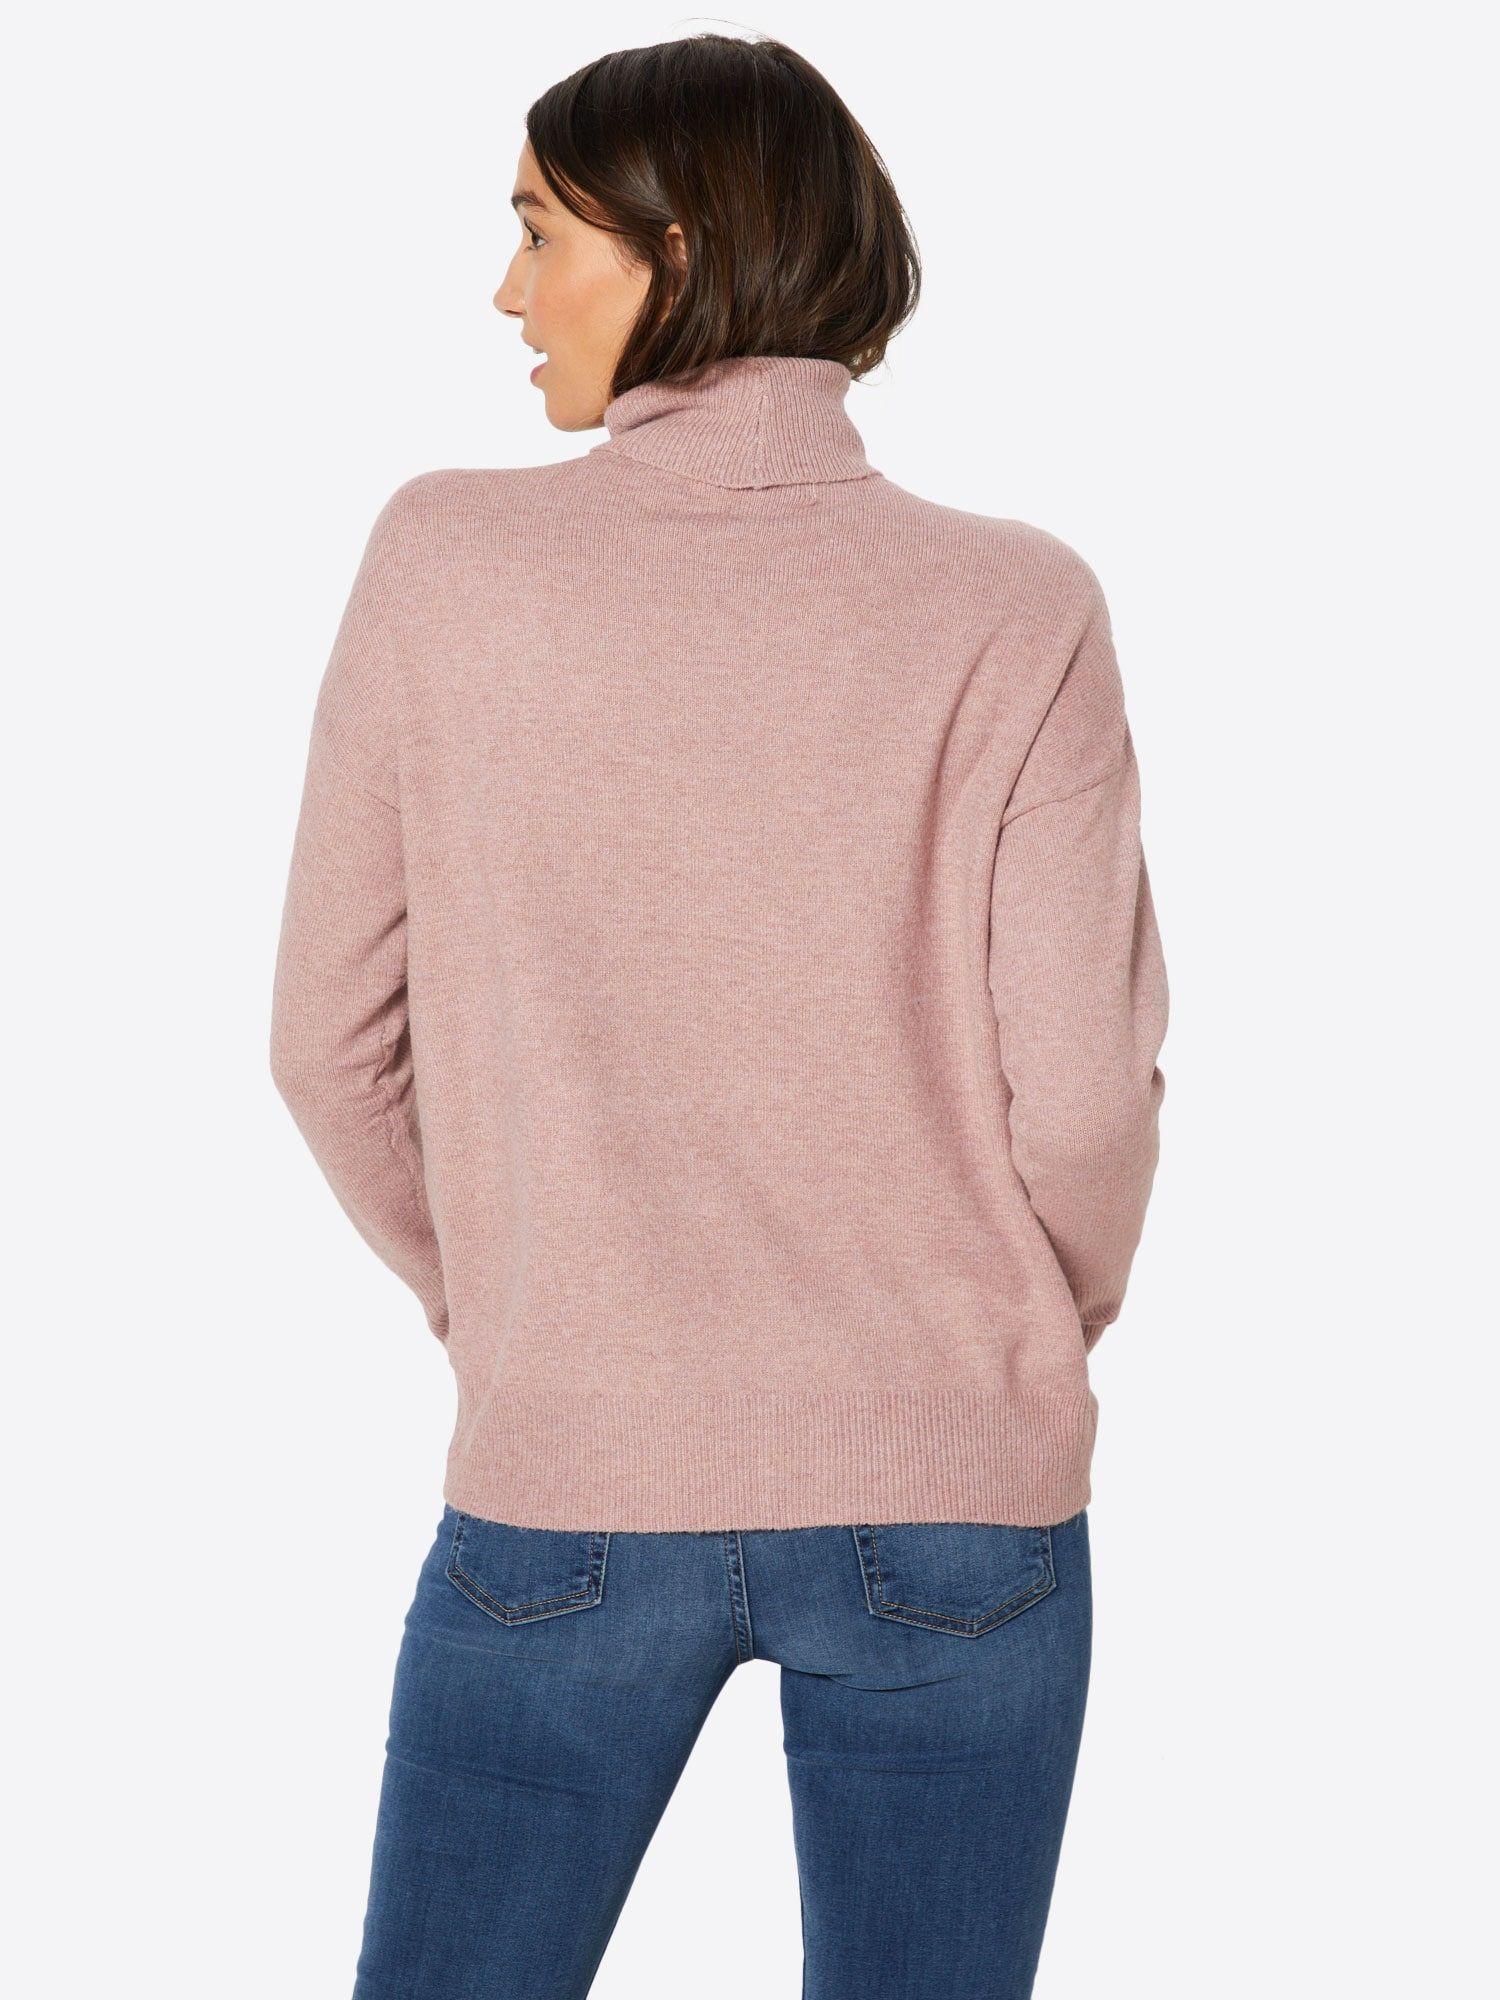 Vero Moda Pullover Damen Altrosa Grosse Xxl Modestil Pullover Damen Pullover